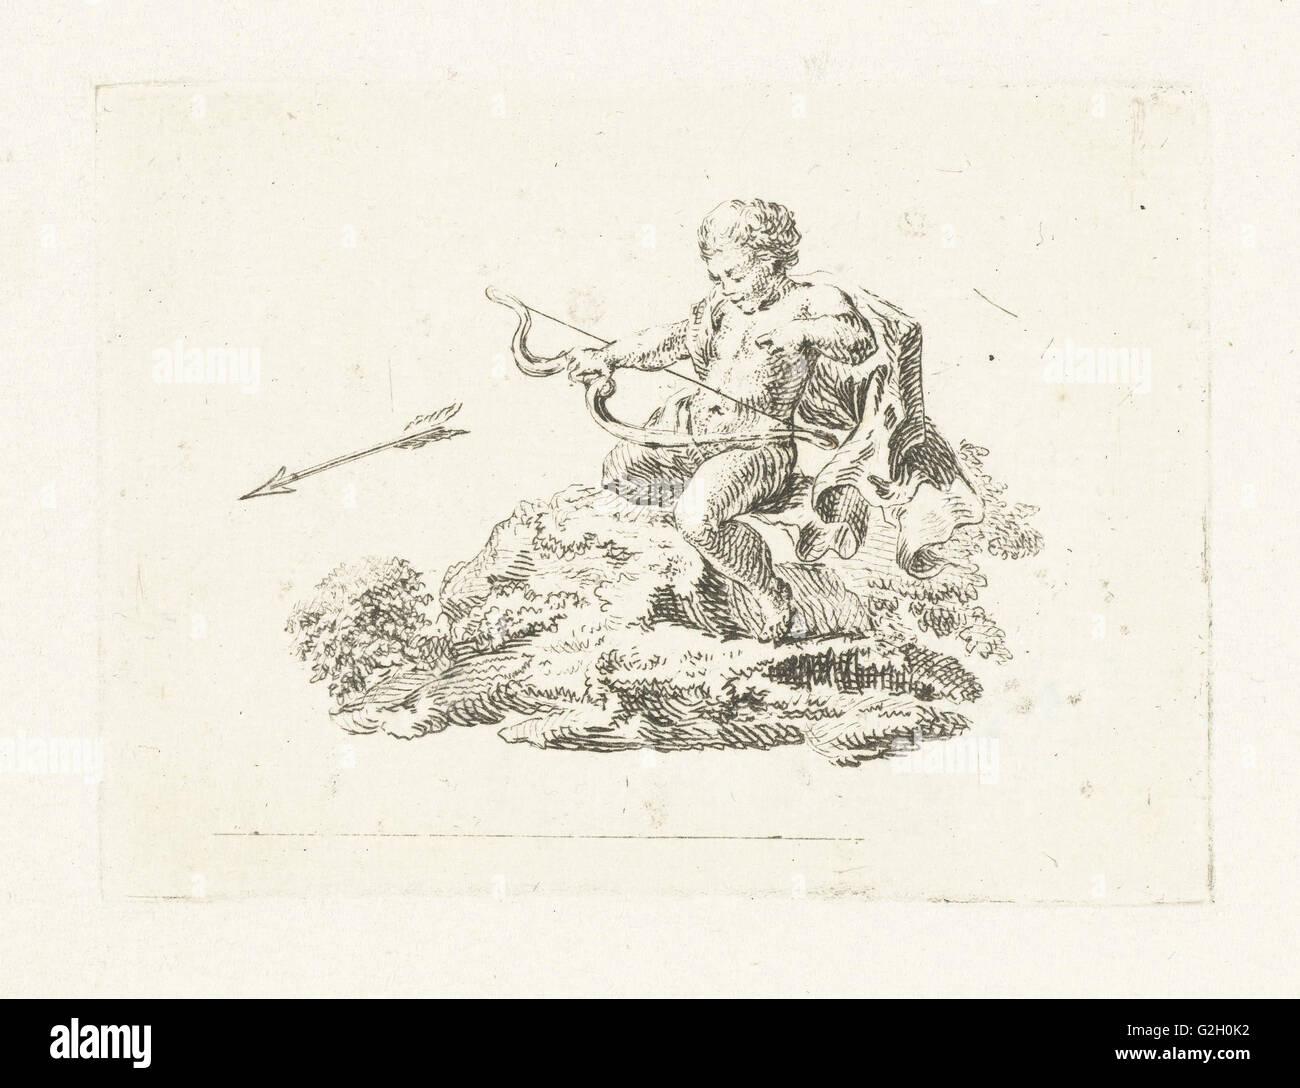 Vignette with Amor firing an arrow, Willem Bilderdijk, 1766 - 1831 - Stock Image